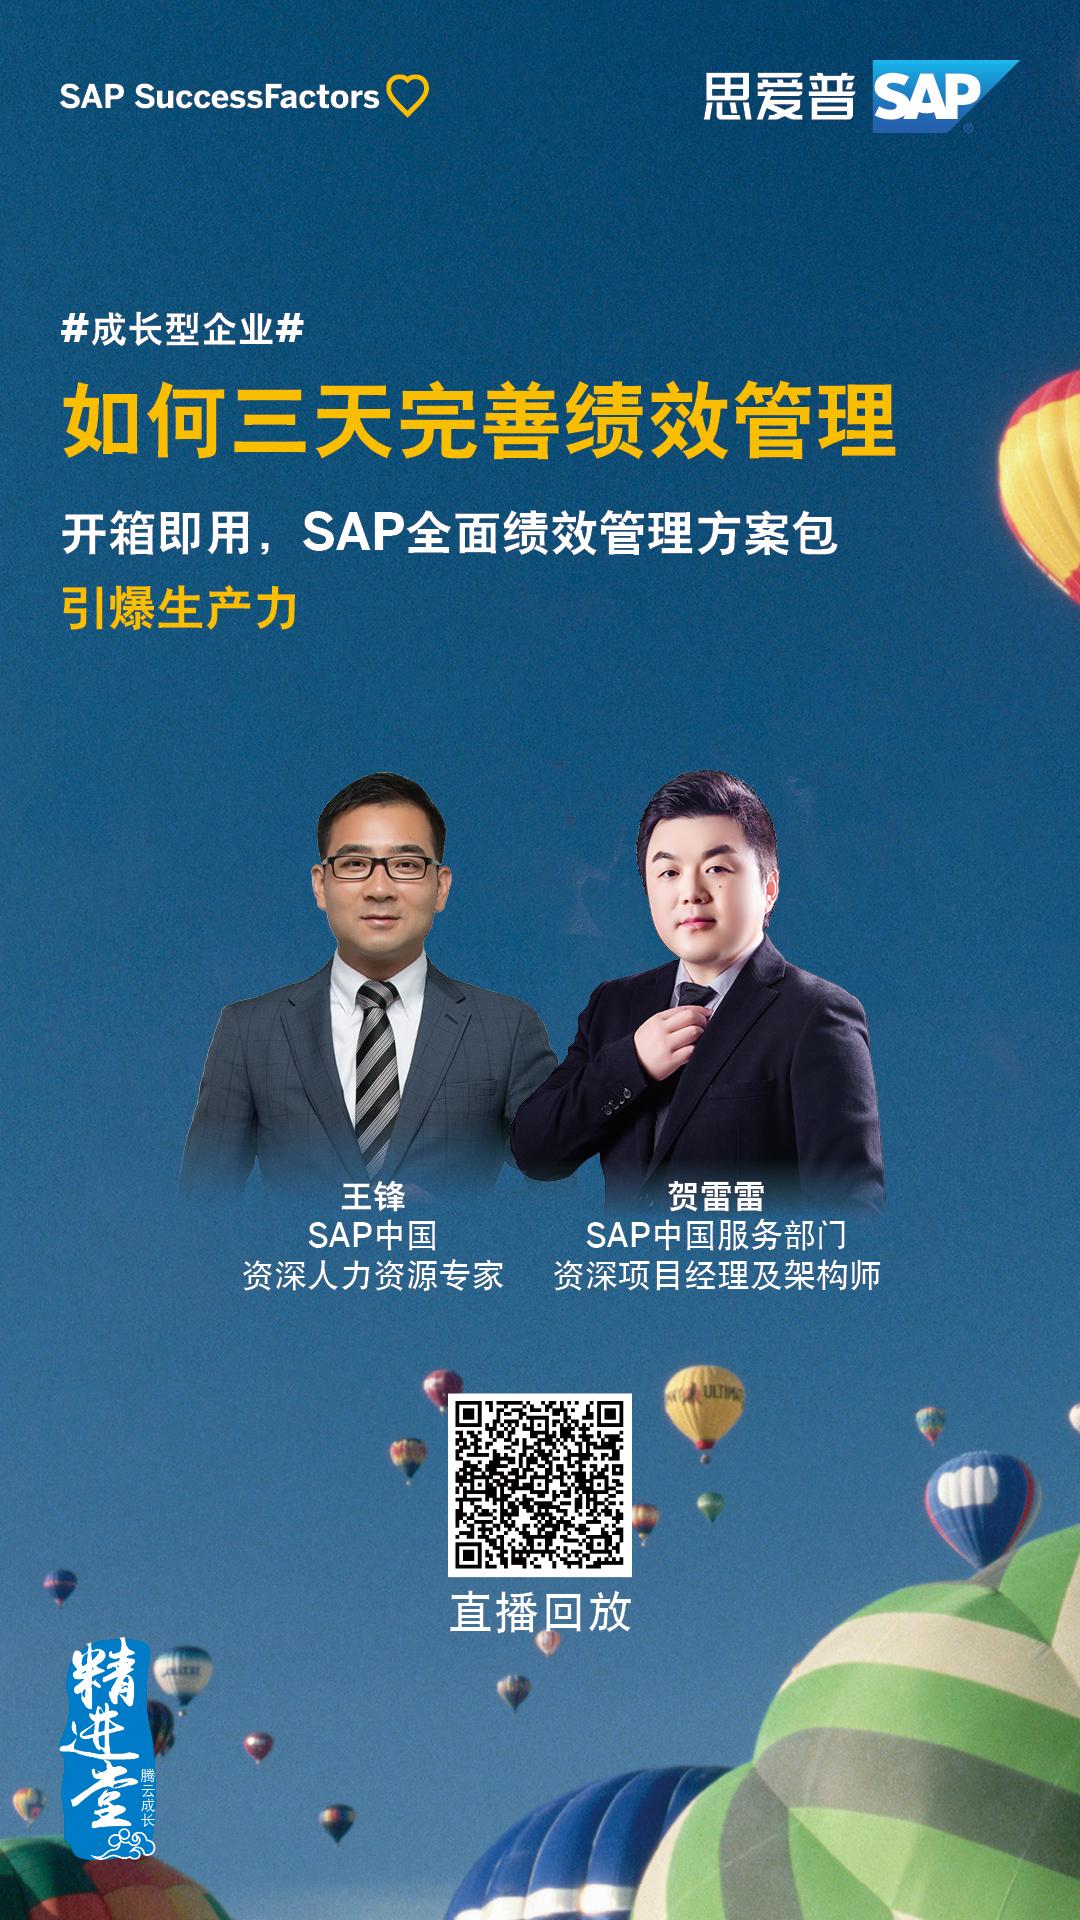 """0728 SAP""""全面绩效管理方案包""""助力企业引爆生产力(直播回放).jpg"""